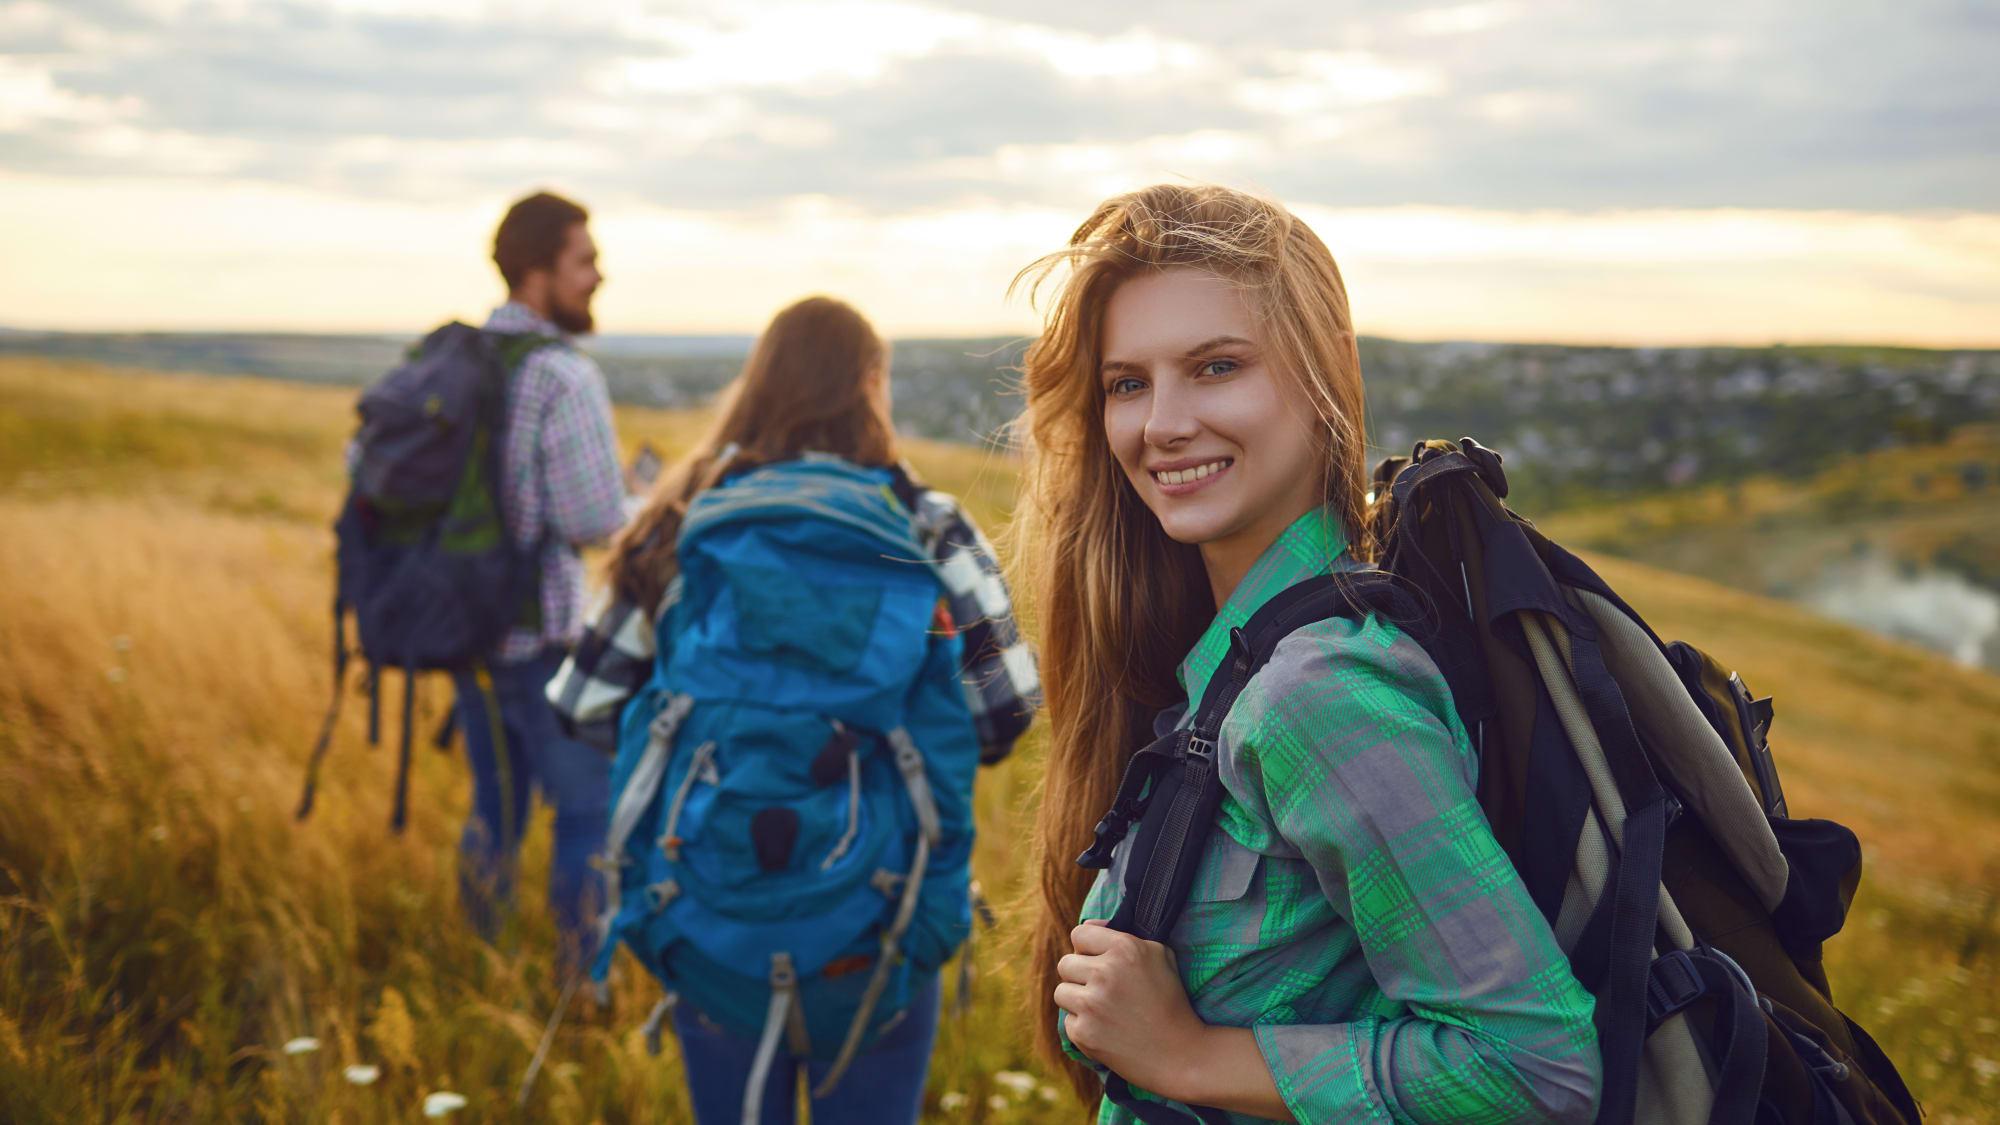 Gruppe Backpacker auf Reisen beim Wandern